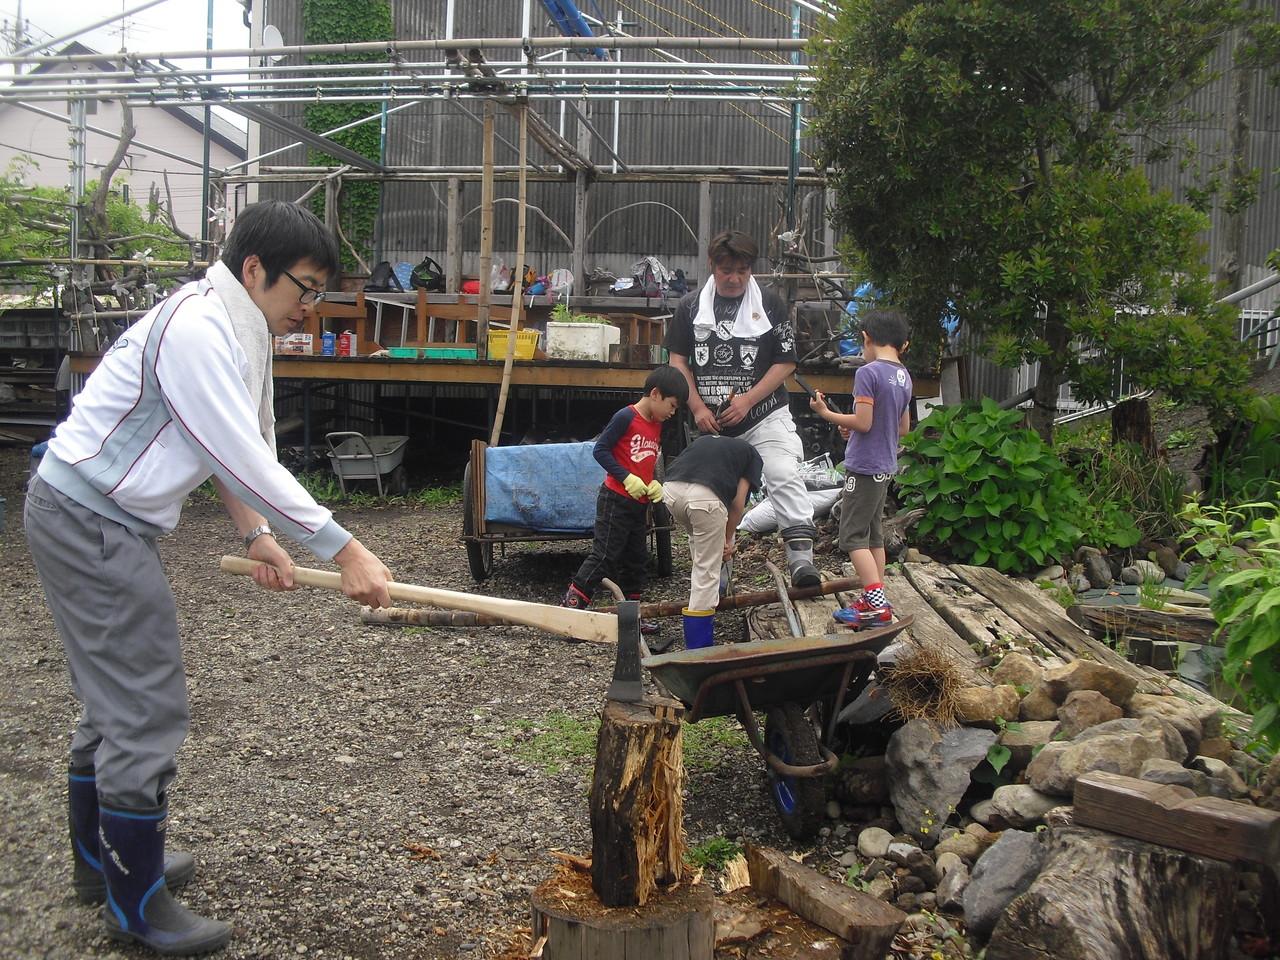 今日はお父さんがお二人お手伝いで残ってくださったので、薪割りのコーナーを担当していただきました。